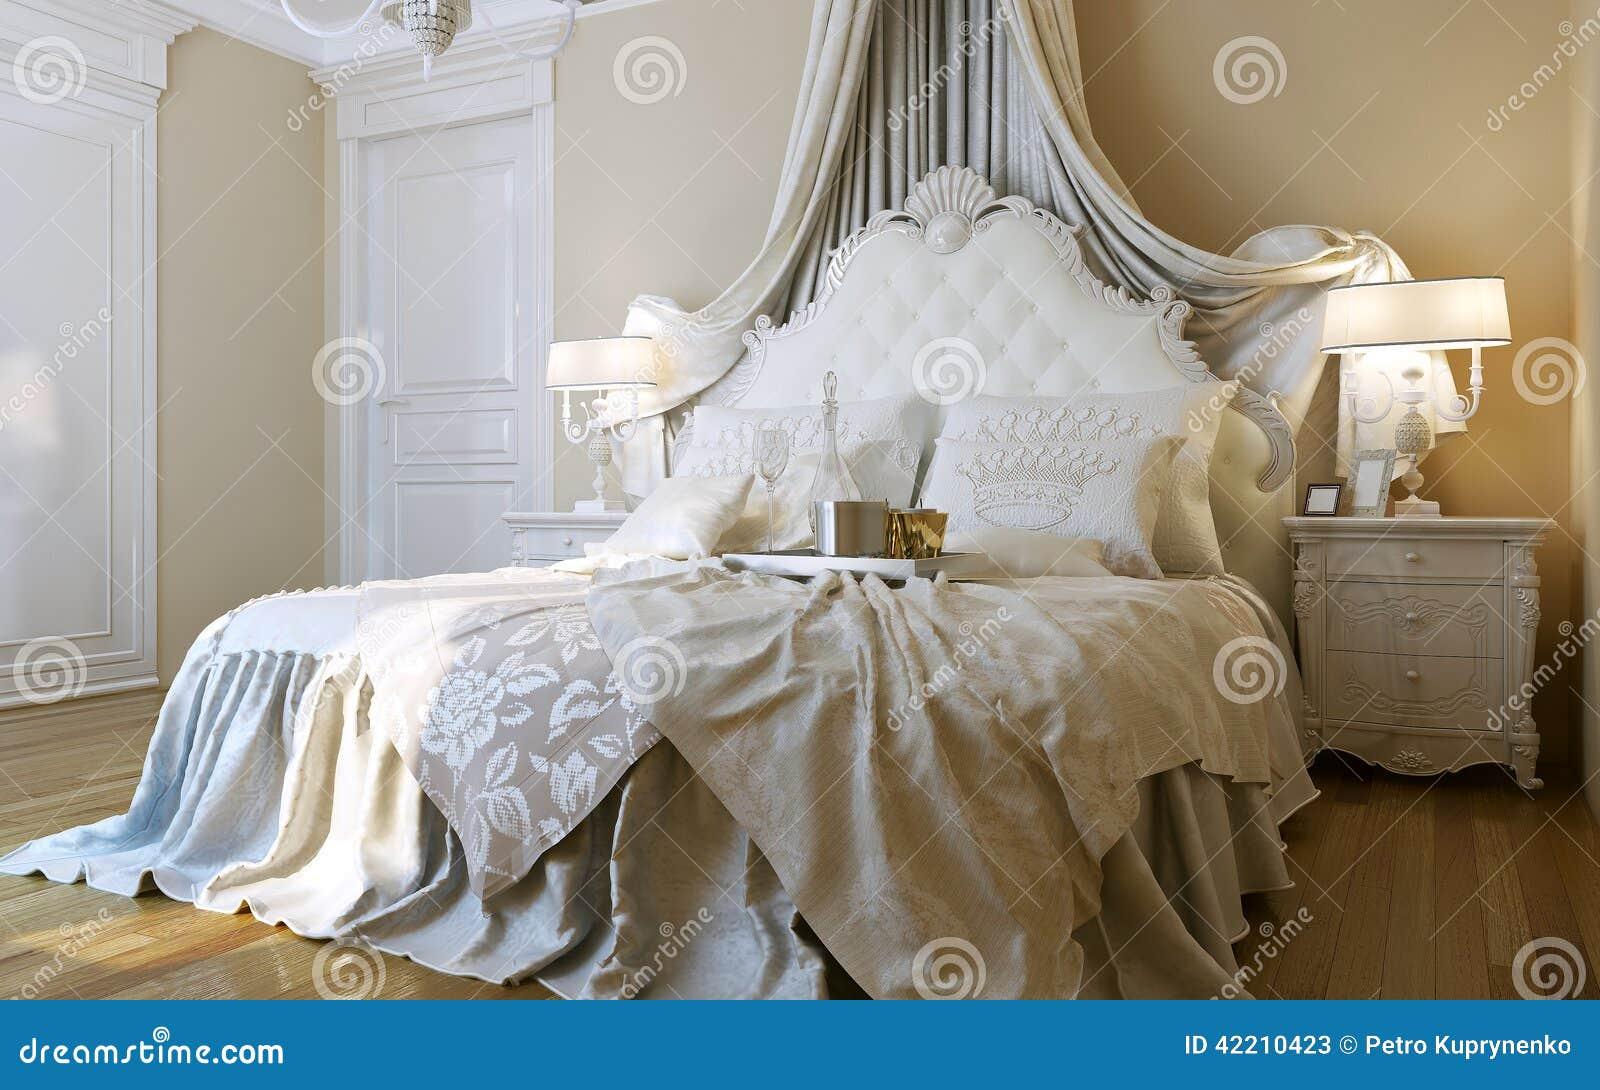 Stile Di Barocco Delle Camere Da Letto Illustrazione di Stock - Immagine: 42210423